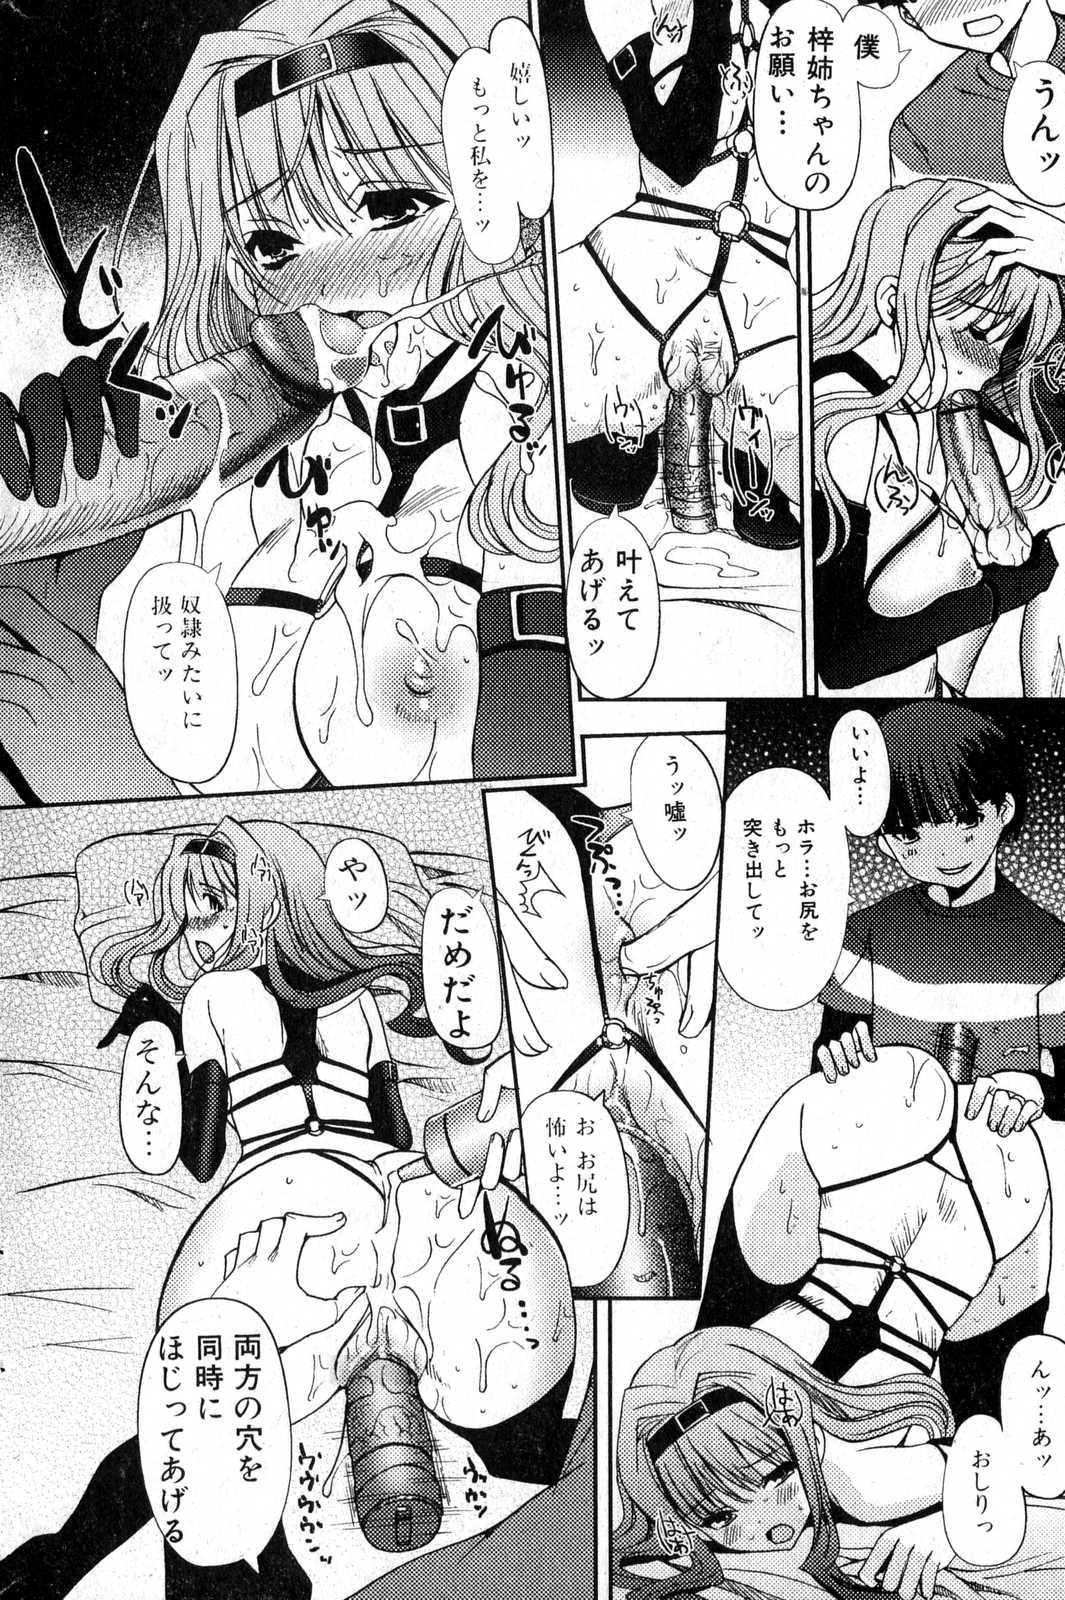 Bishoujo Teki Kaikatsu Ryoku 2007 Vol.15 45